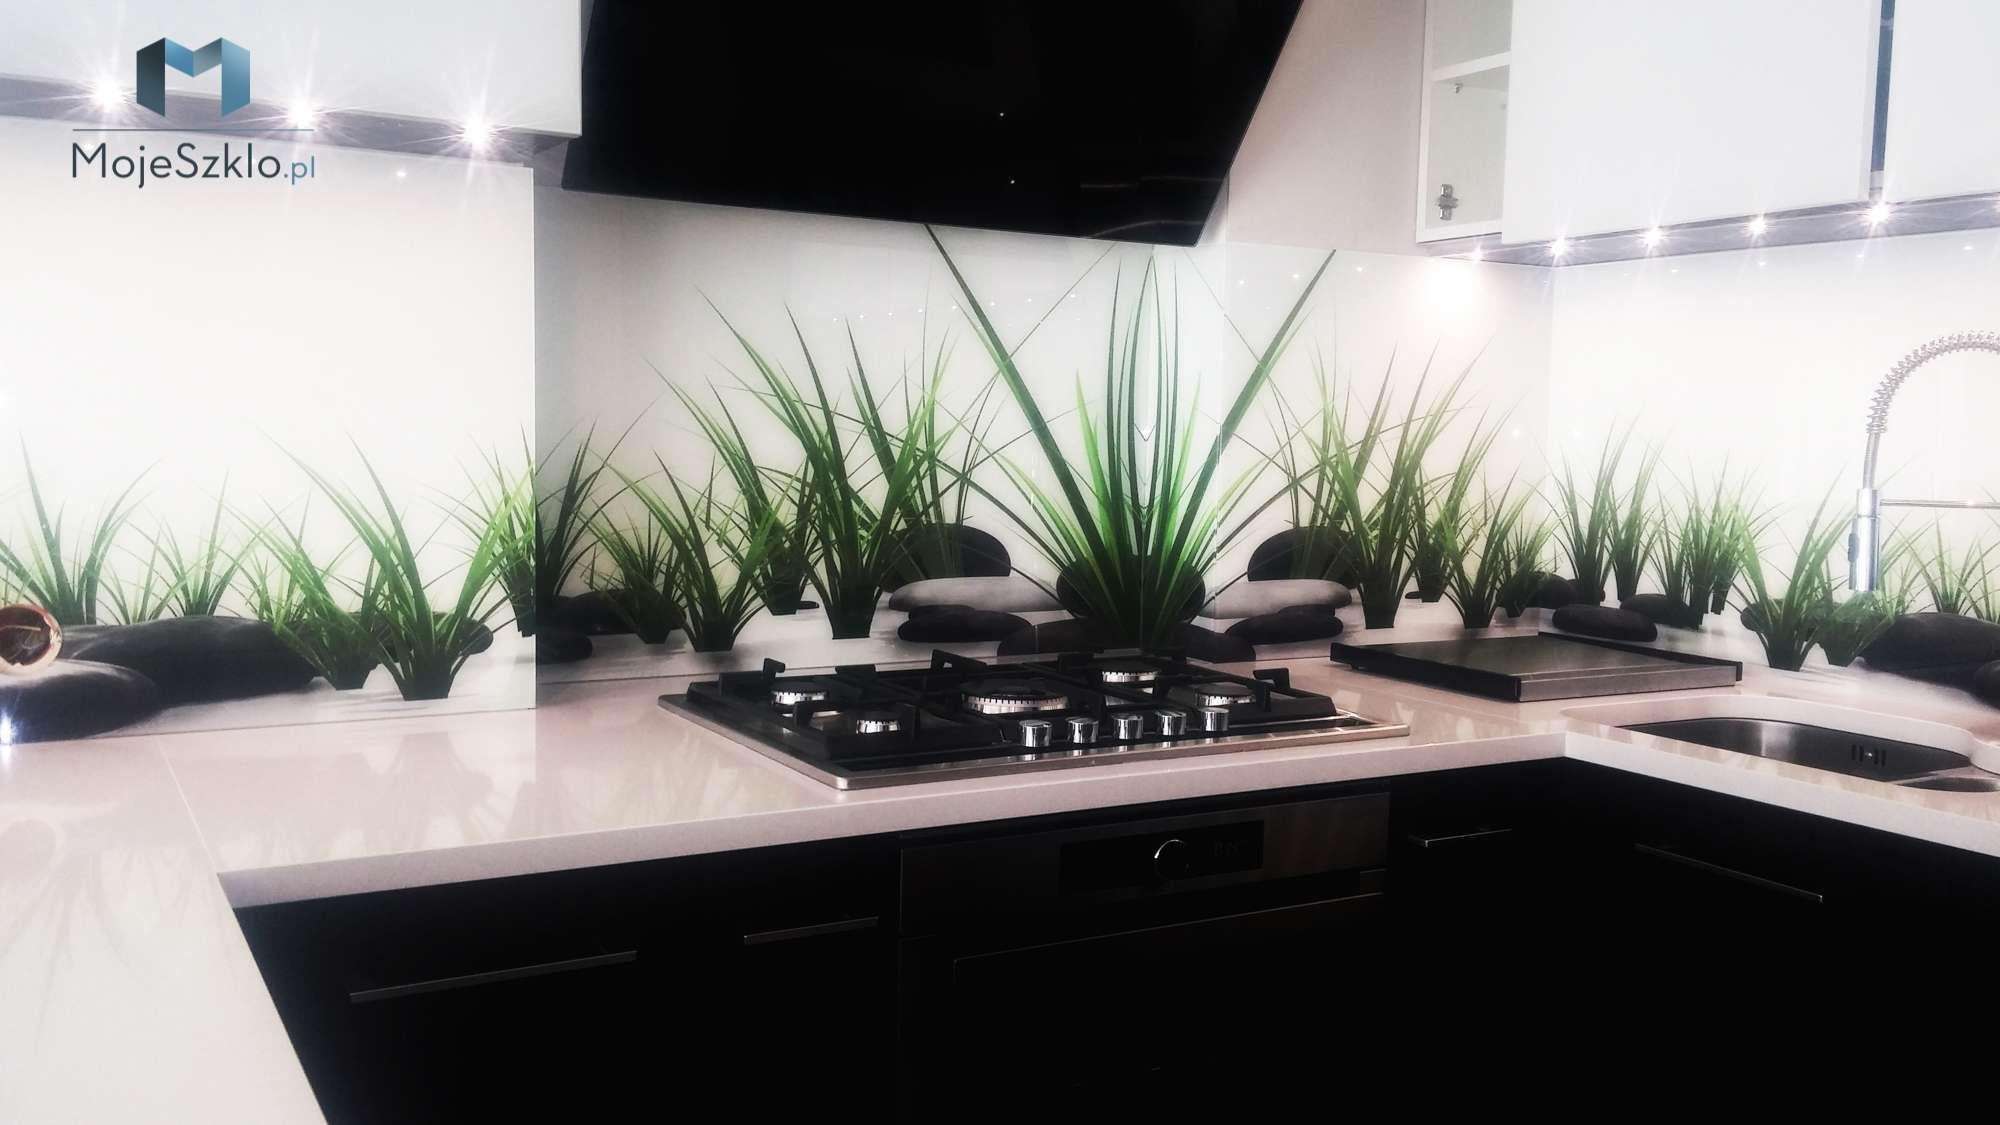 Grafika Na Szkle Trawa Plants